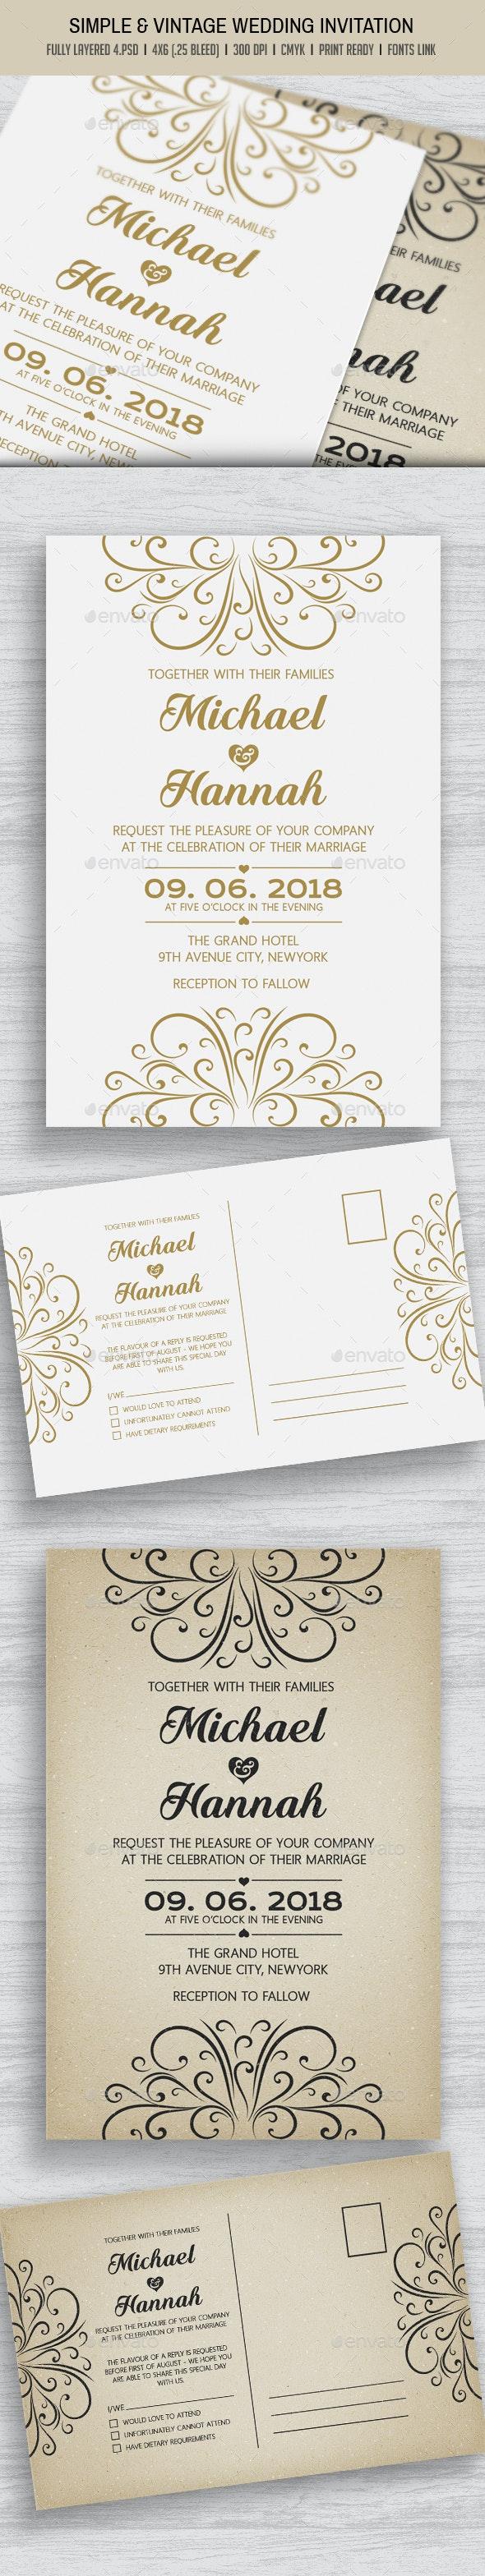 Simple & Vintage Wedding Invitation - Cards & Invites Print Templates